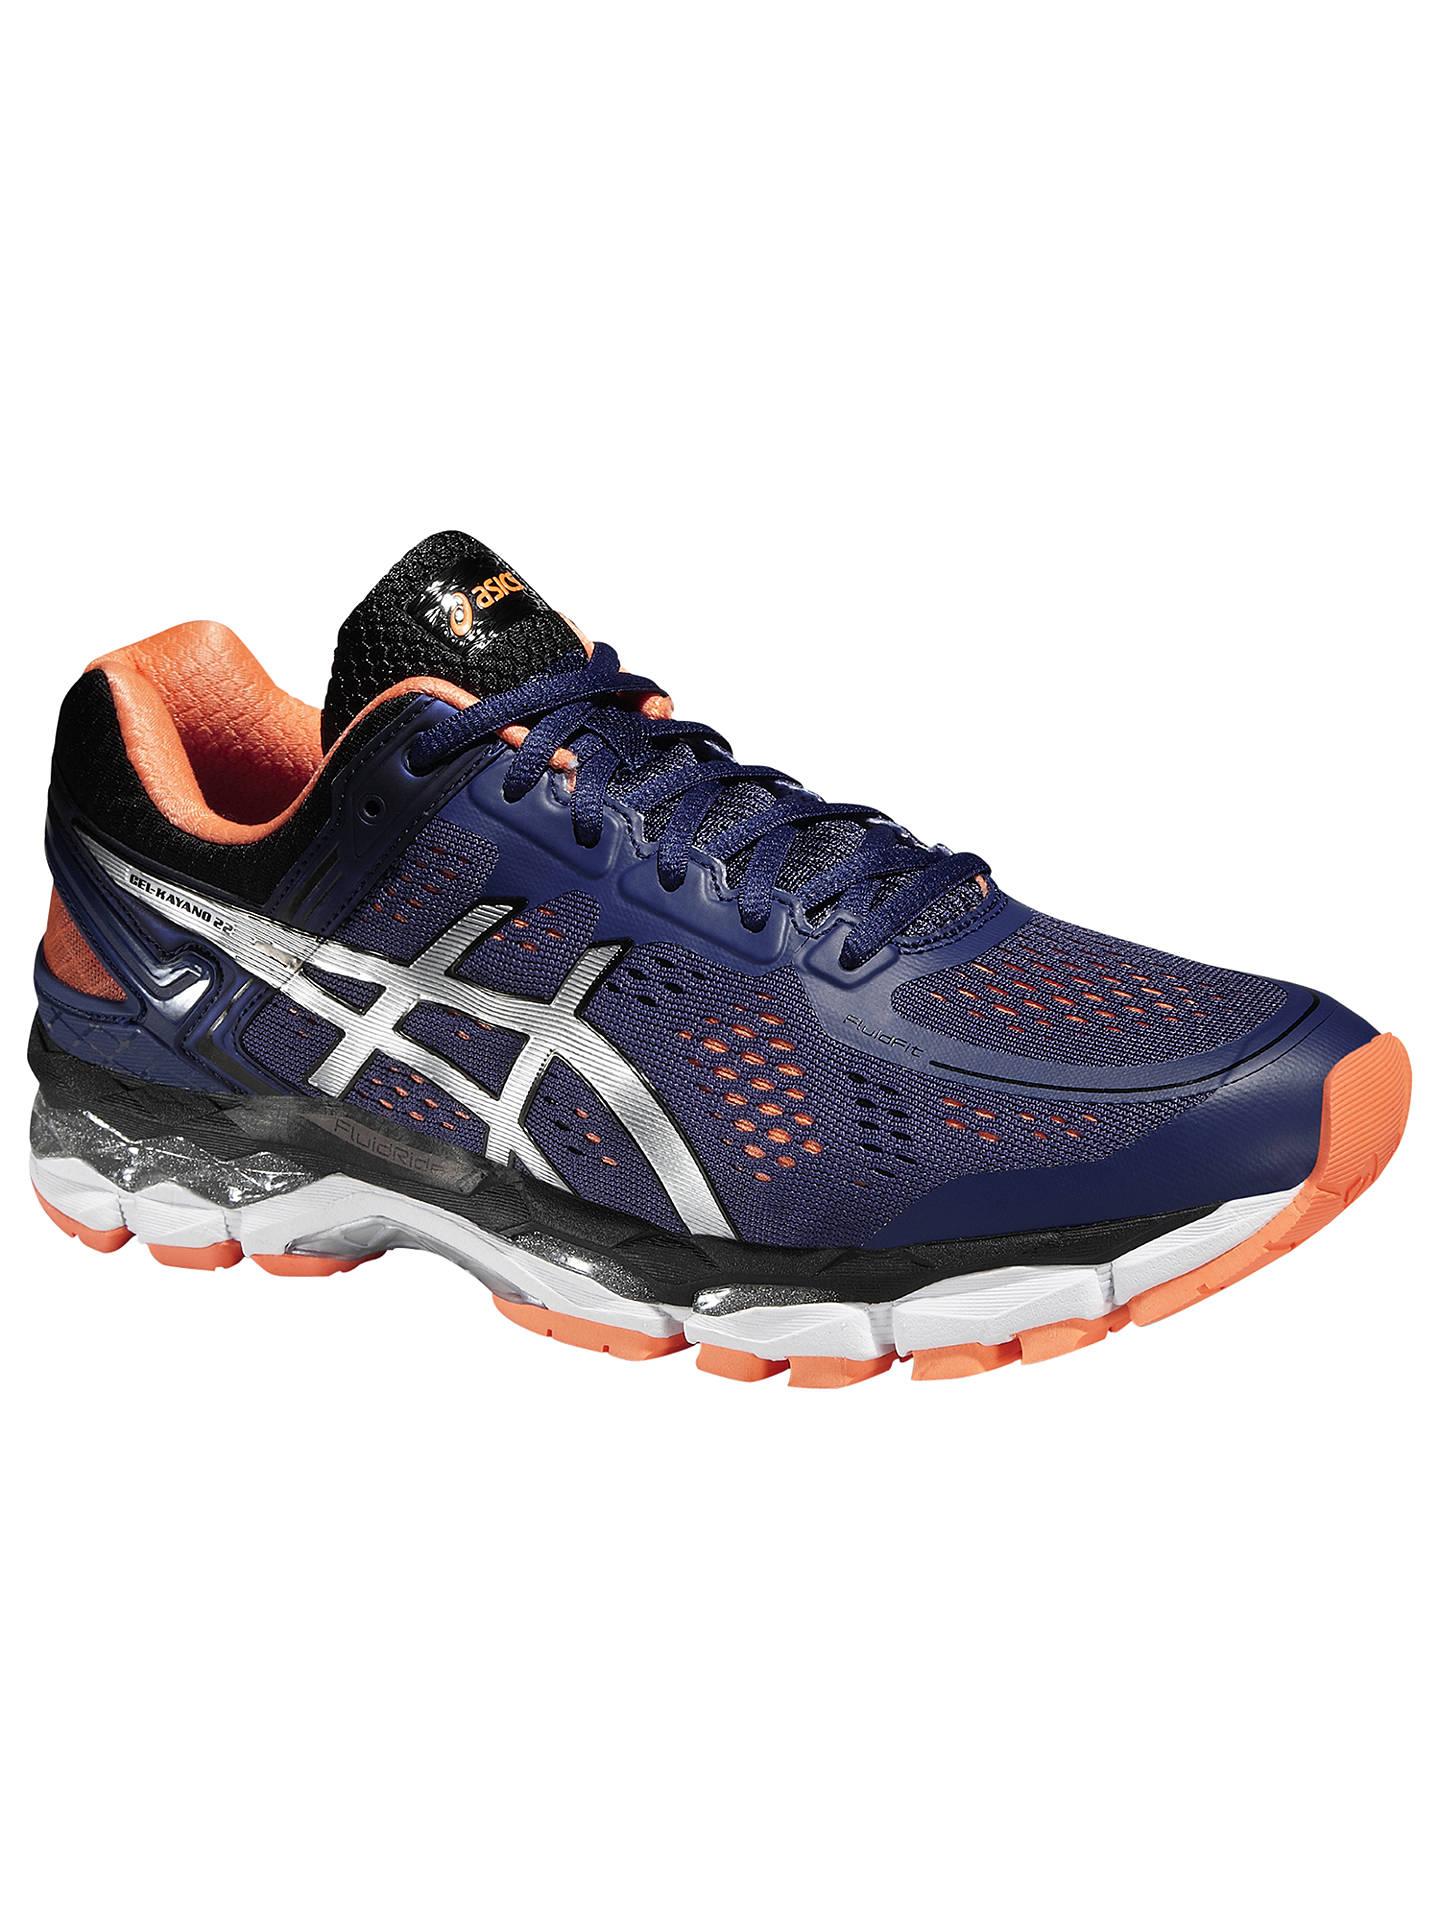 BuyAsics GEL-Kayano 22 Men s Structured Running Shoes d37188f3095b